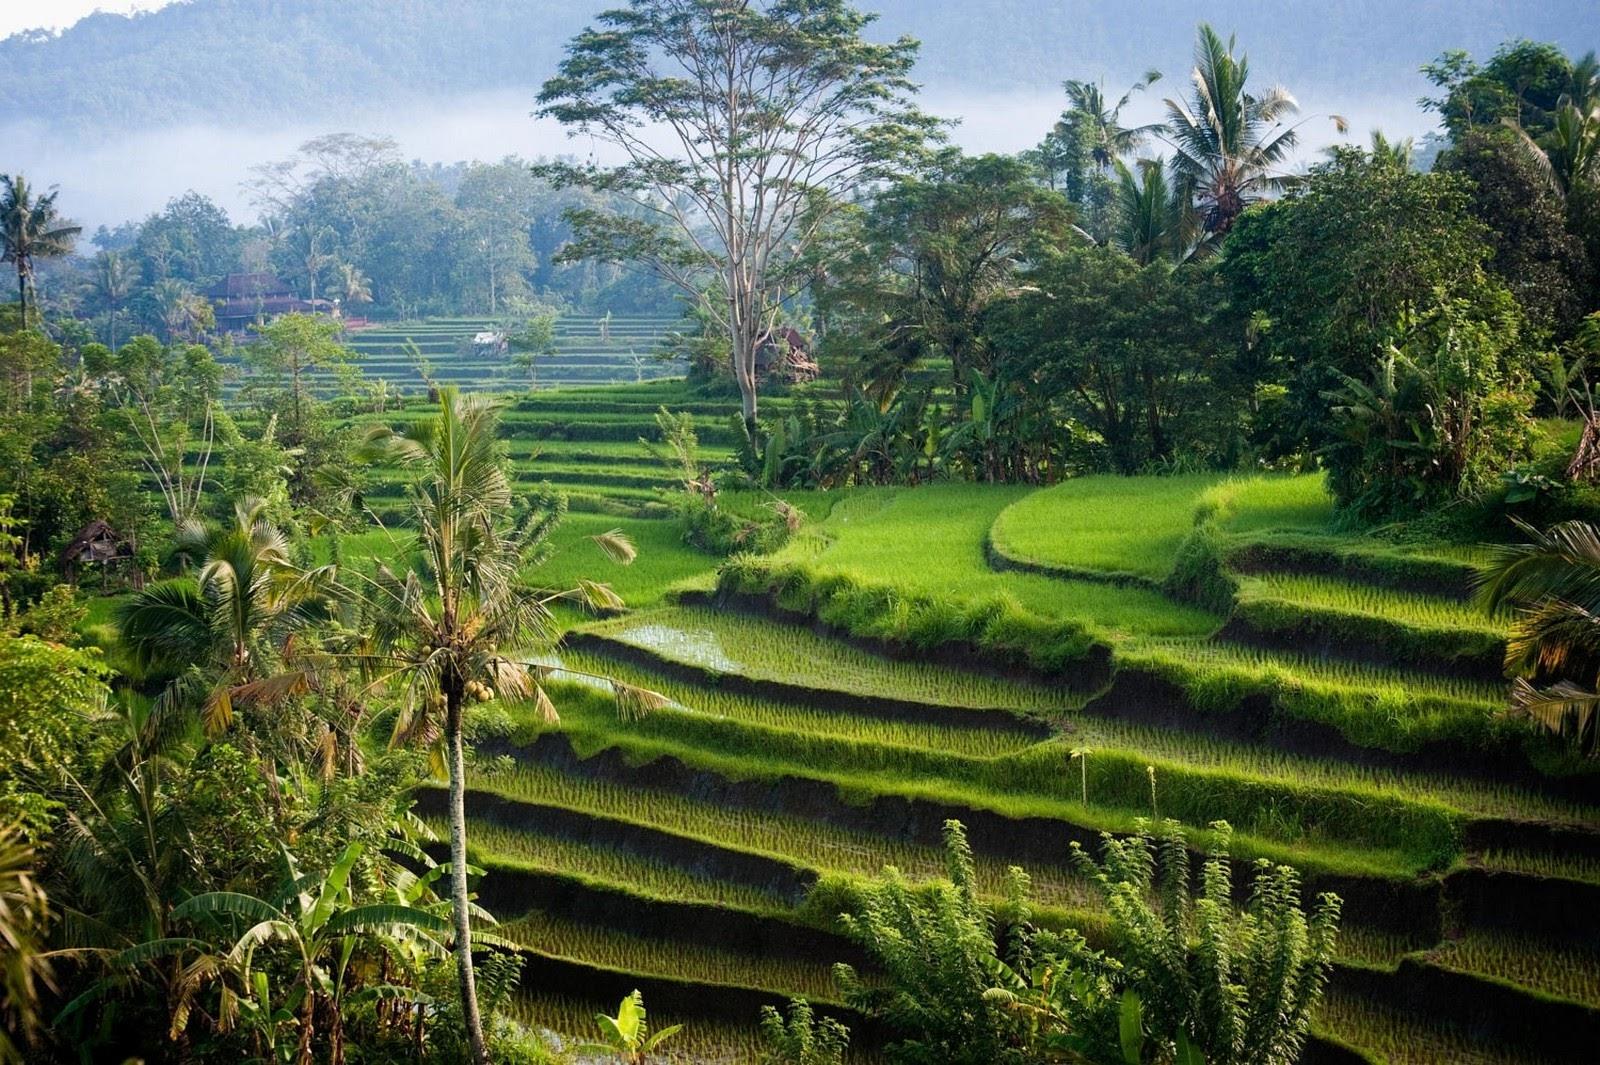 обои : Солнечный лучик, пейзаж, природа, Фотография, Зеленый, Холмы, Утро,  пальмовые деревья, Кустарники, Рисовый рис, Бали, Индонезия, Террасное  поле, 1600x1065 px 1600x1065 - - 619327 - красивые картинки - WallHere